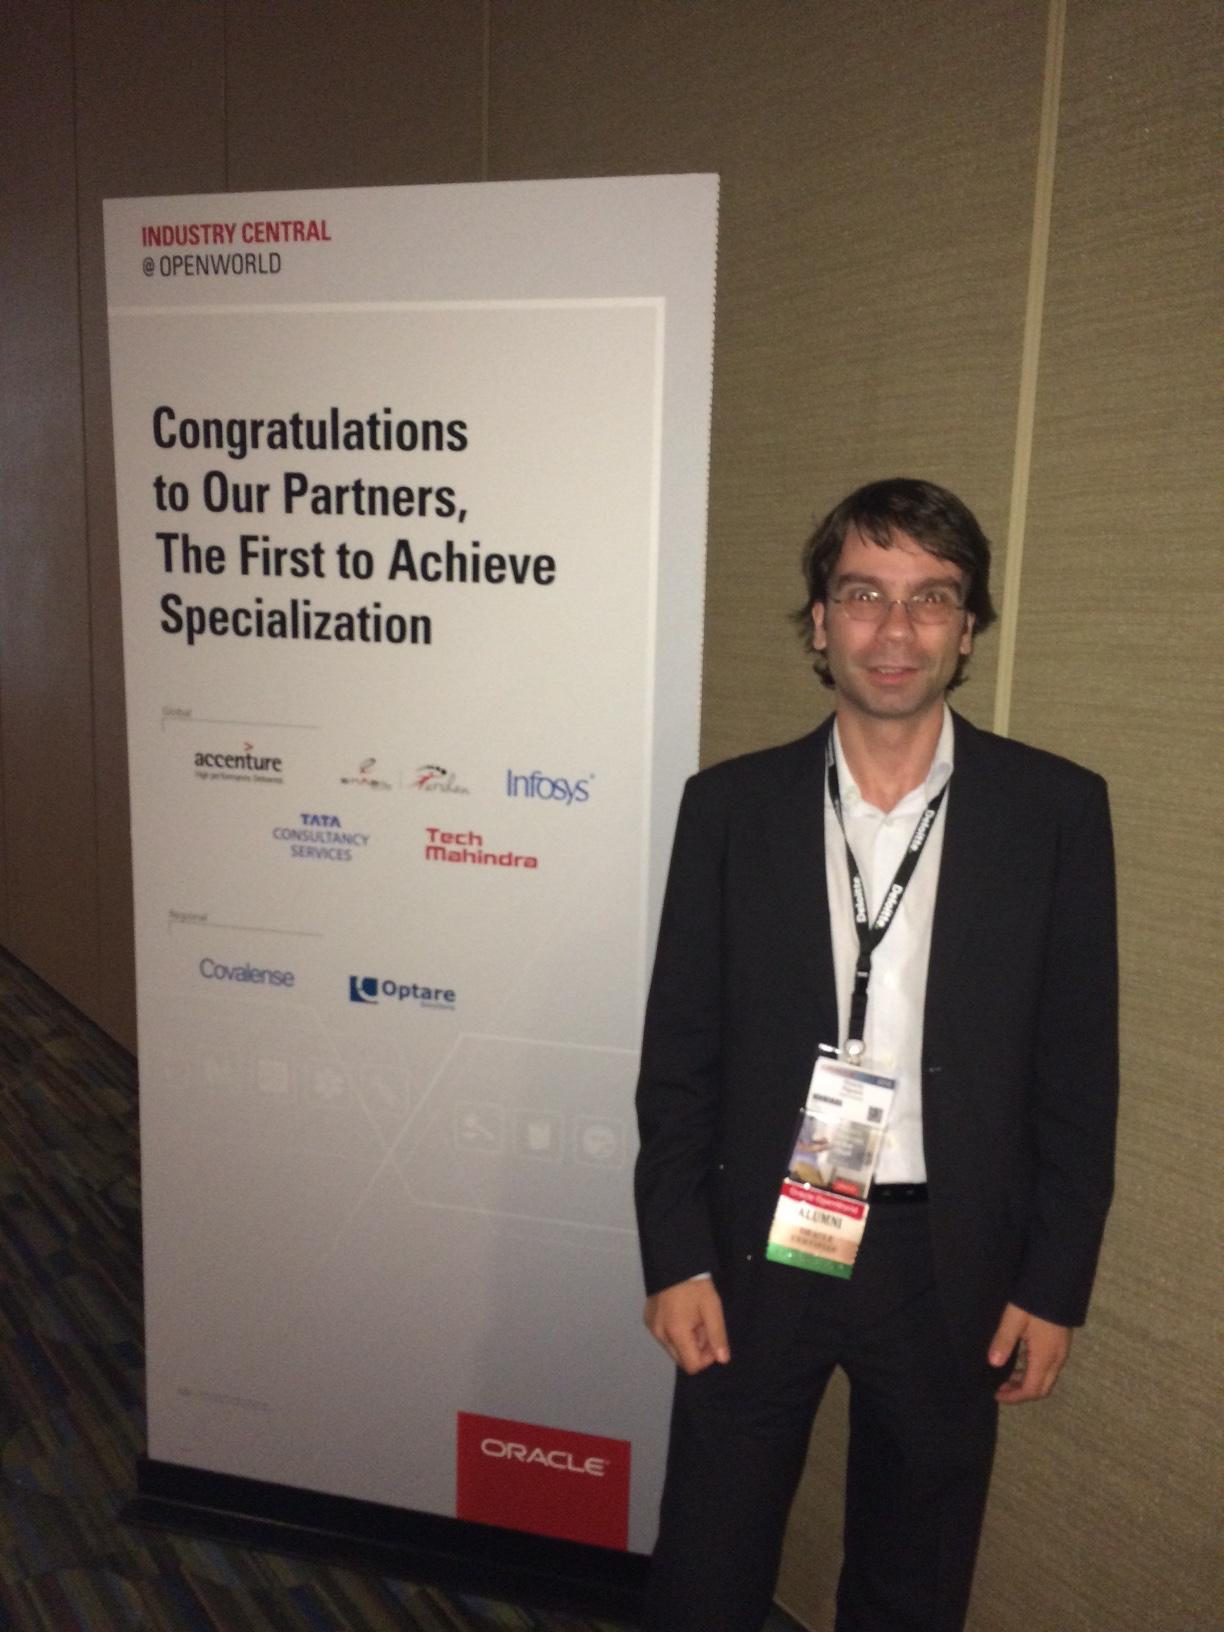 Ricardo Riguera, Director de la Unidad de Negocio de OM ,junto con los carteles del Programa de Specialización durante el Oracle OpenWorld en San Francisco